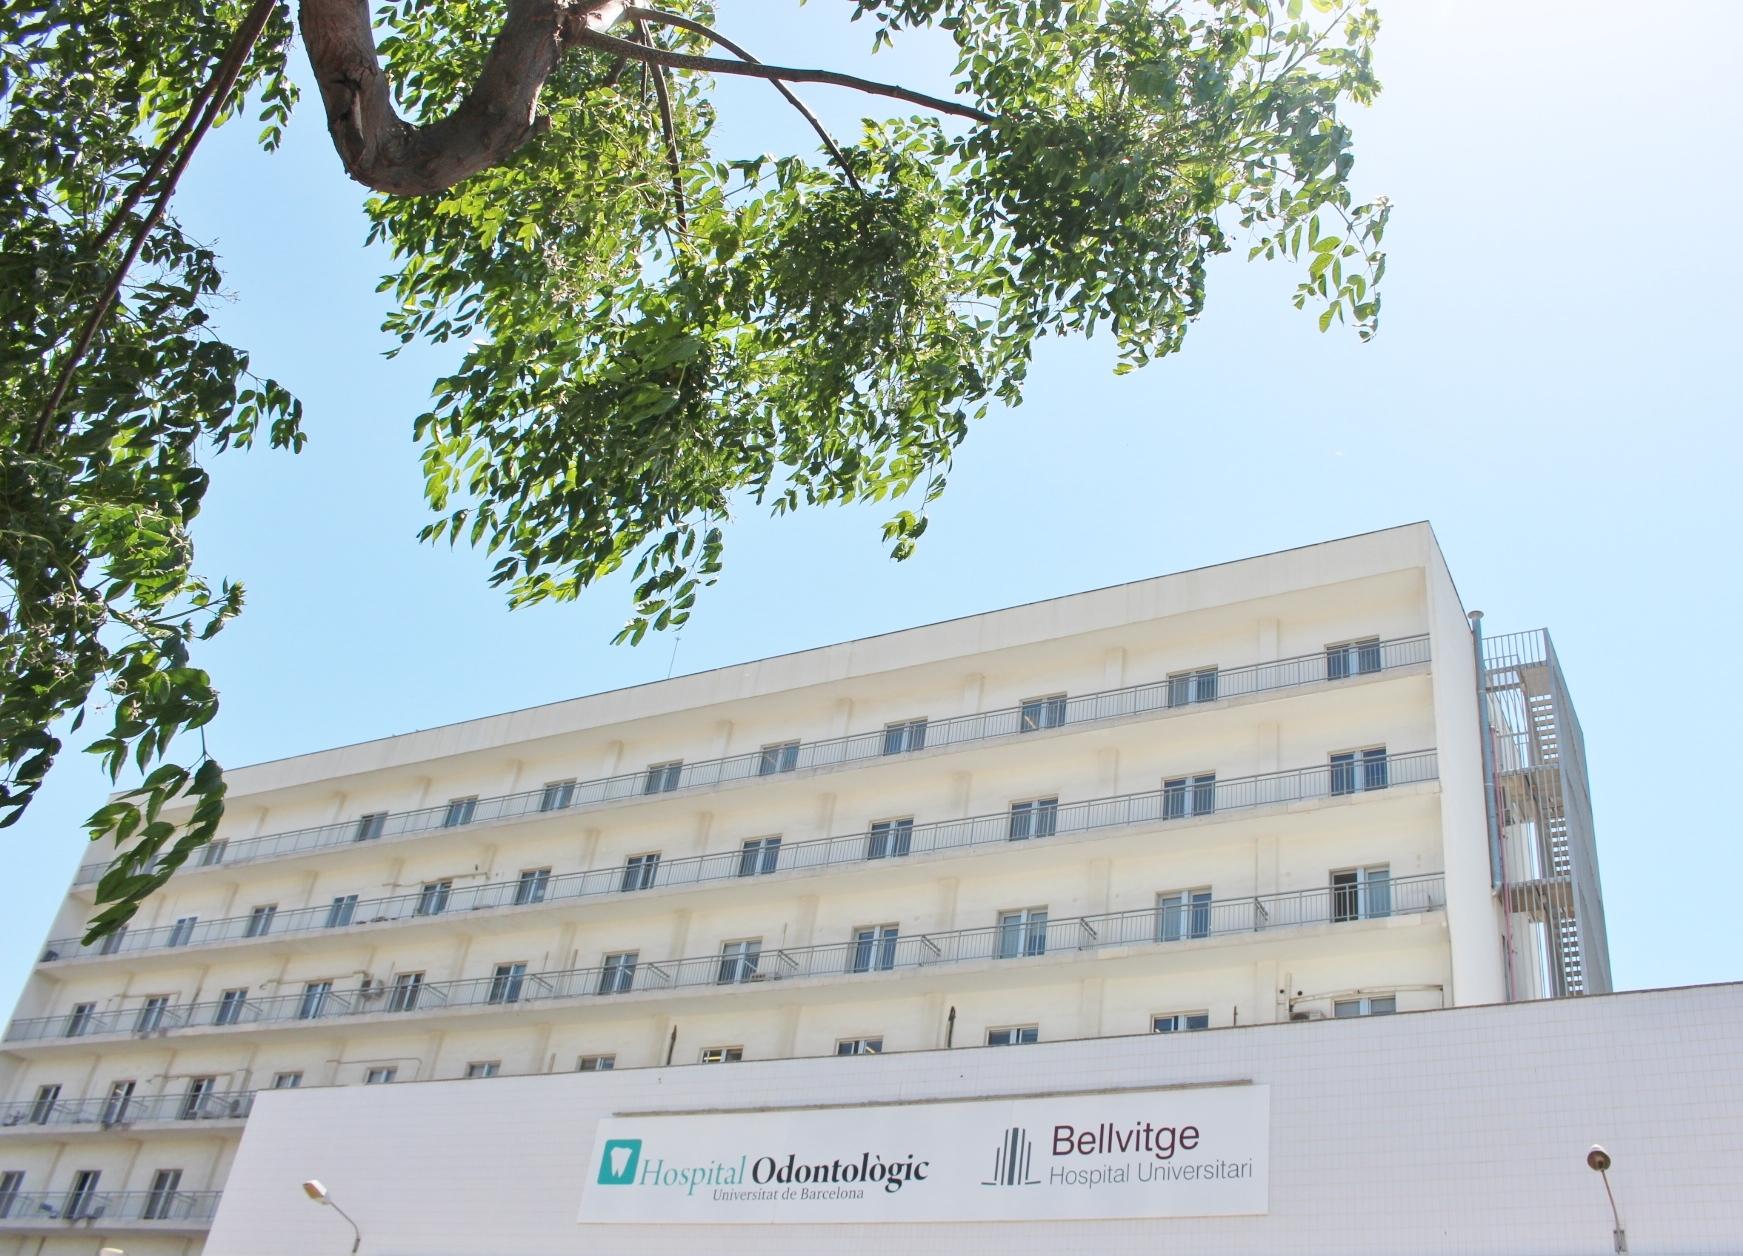 Vuit centres penitenciaris de Catalunya rebran assistència odontològica per part de l'Hospital Odontològic Universitat de Barcelona